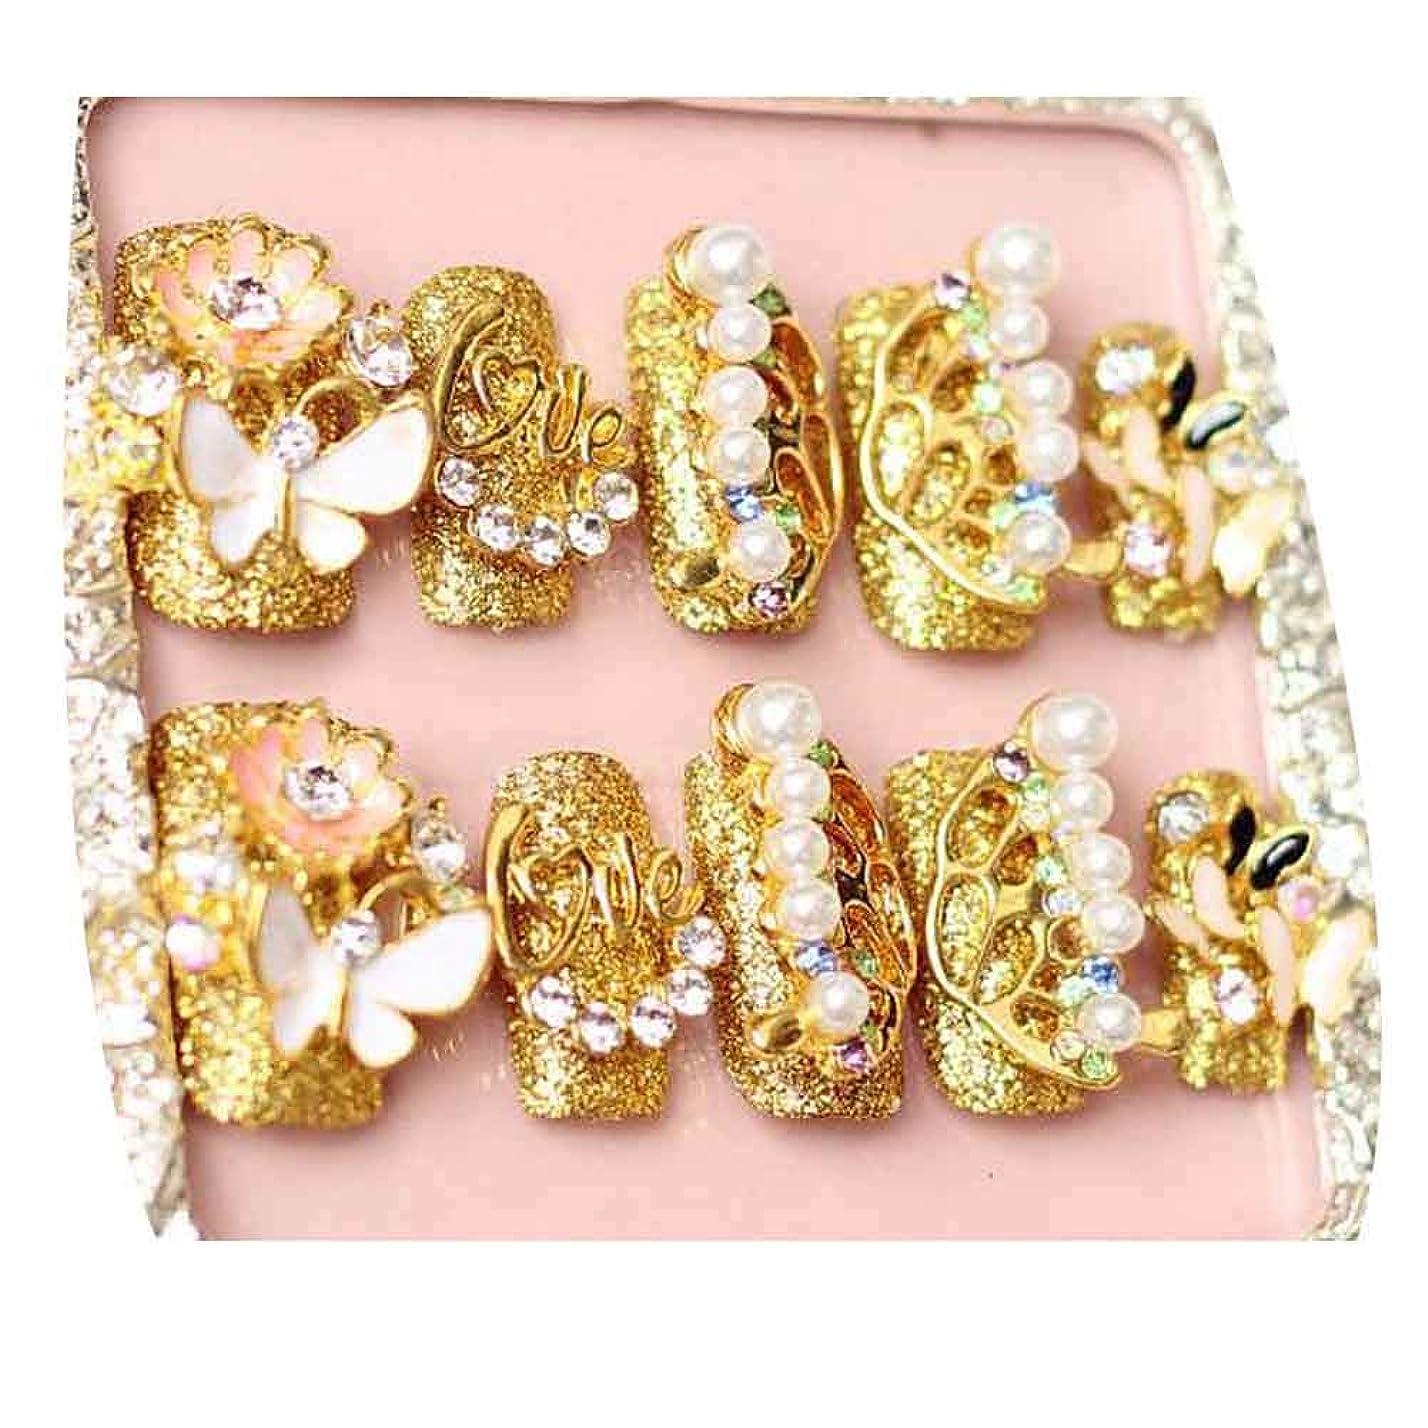 労働環境に優しい穿孔する蝶 - ゴールドカラー偽爪結婚式人工爪のヒントビーズネイルアート